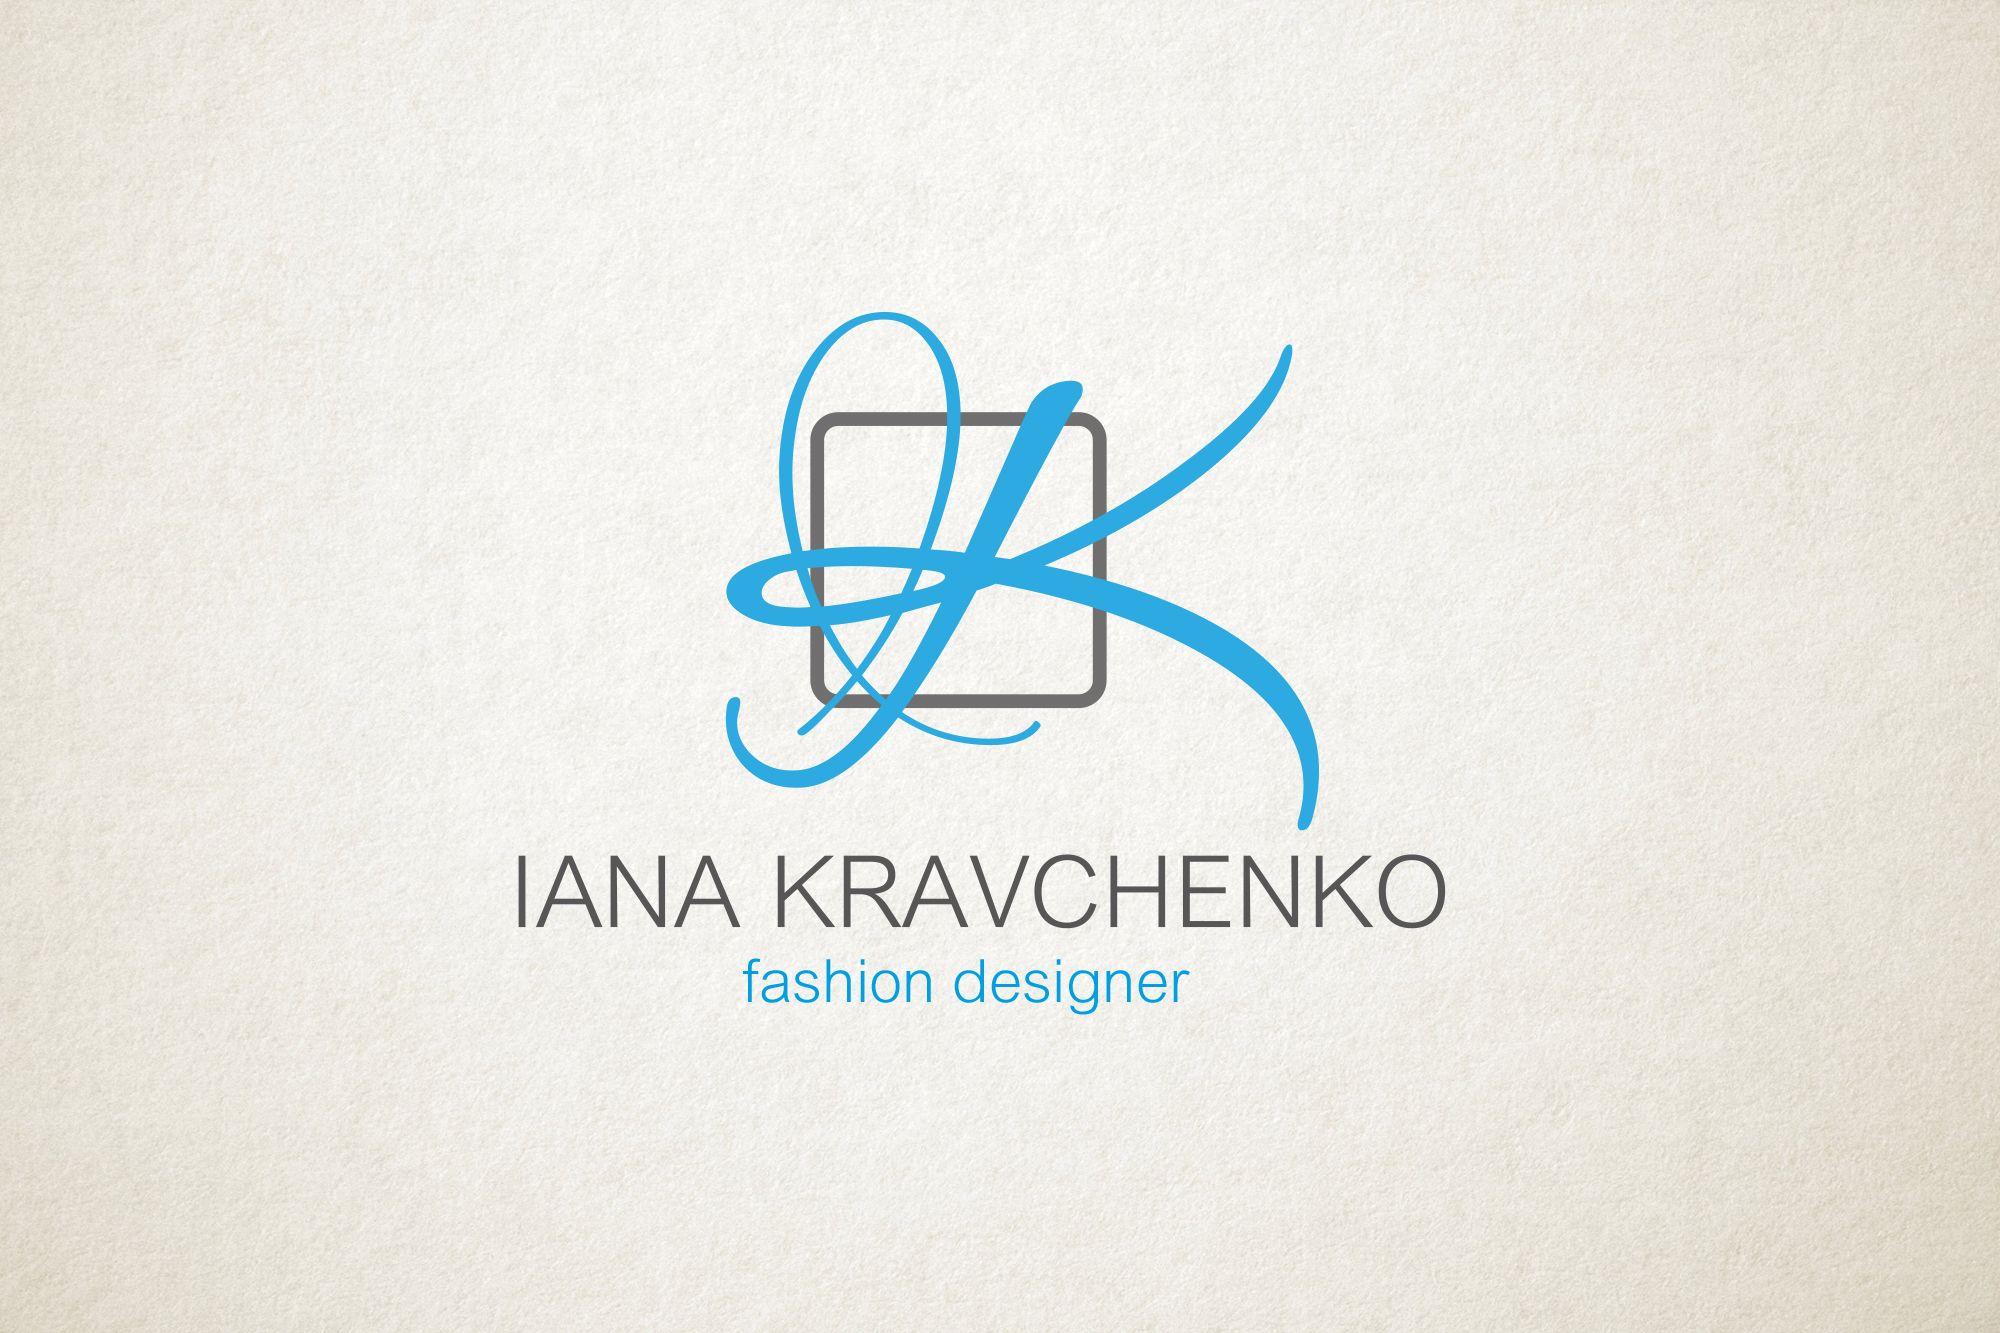 Логотипа и фир. стиля для дизайнера одежды - дизайнер funkielevis